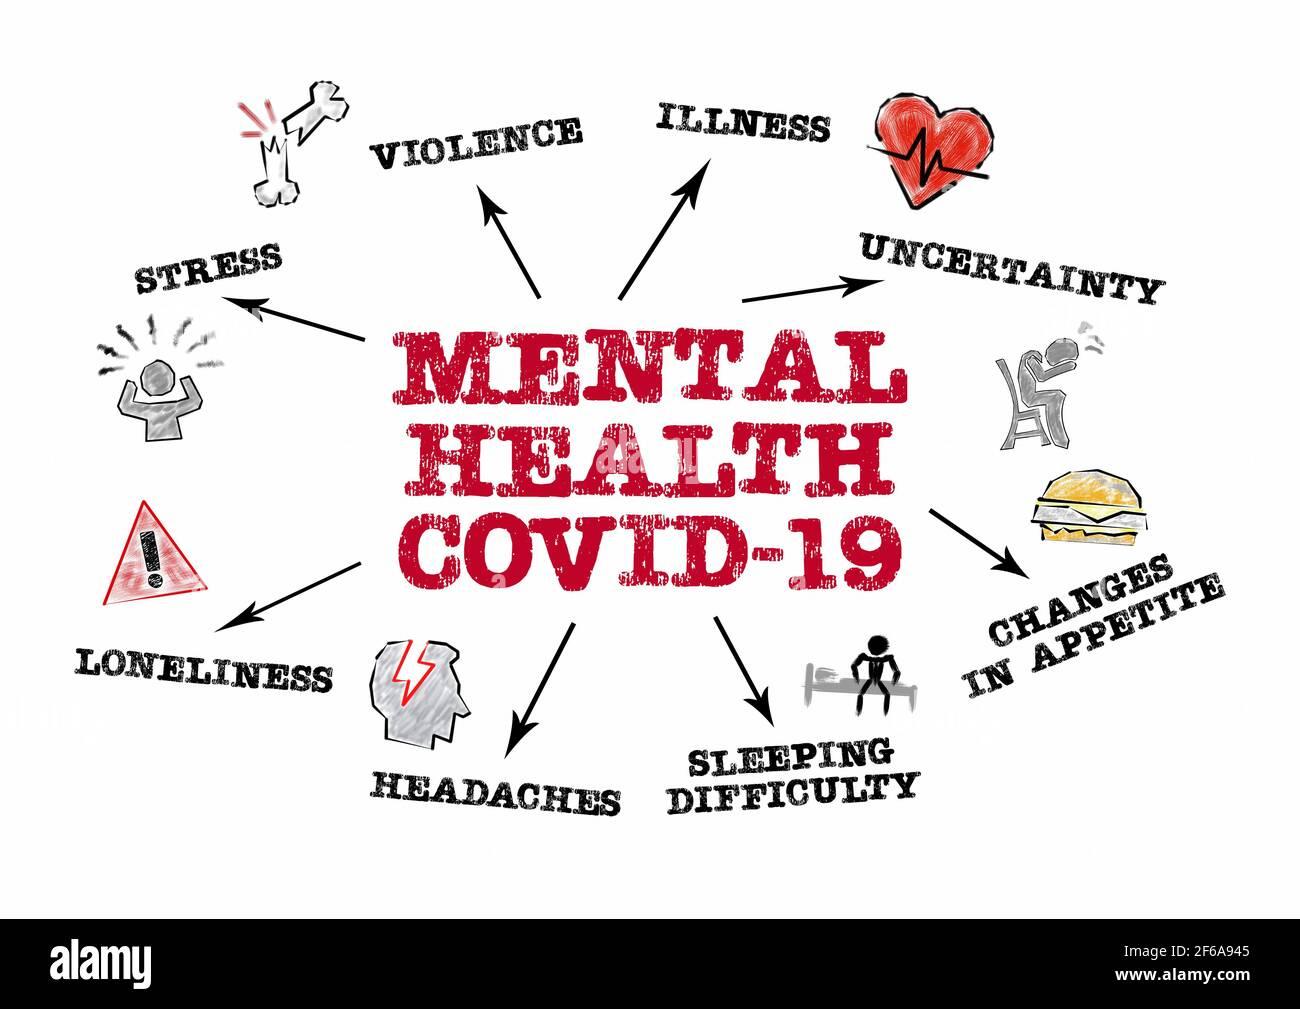 SANTÉ MENTALE COVID-19. Concept de stress, de violence, de maladie et de solitude. Graphique avec mots-clés et icônes sur fond blanc Banque D'Images